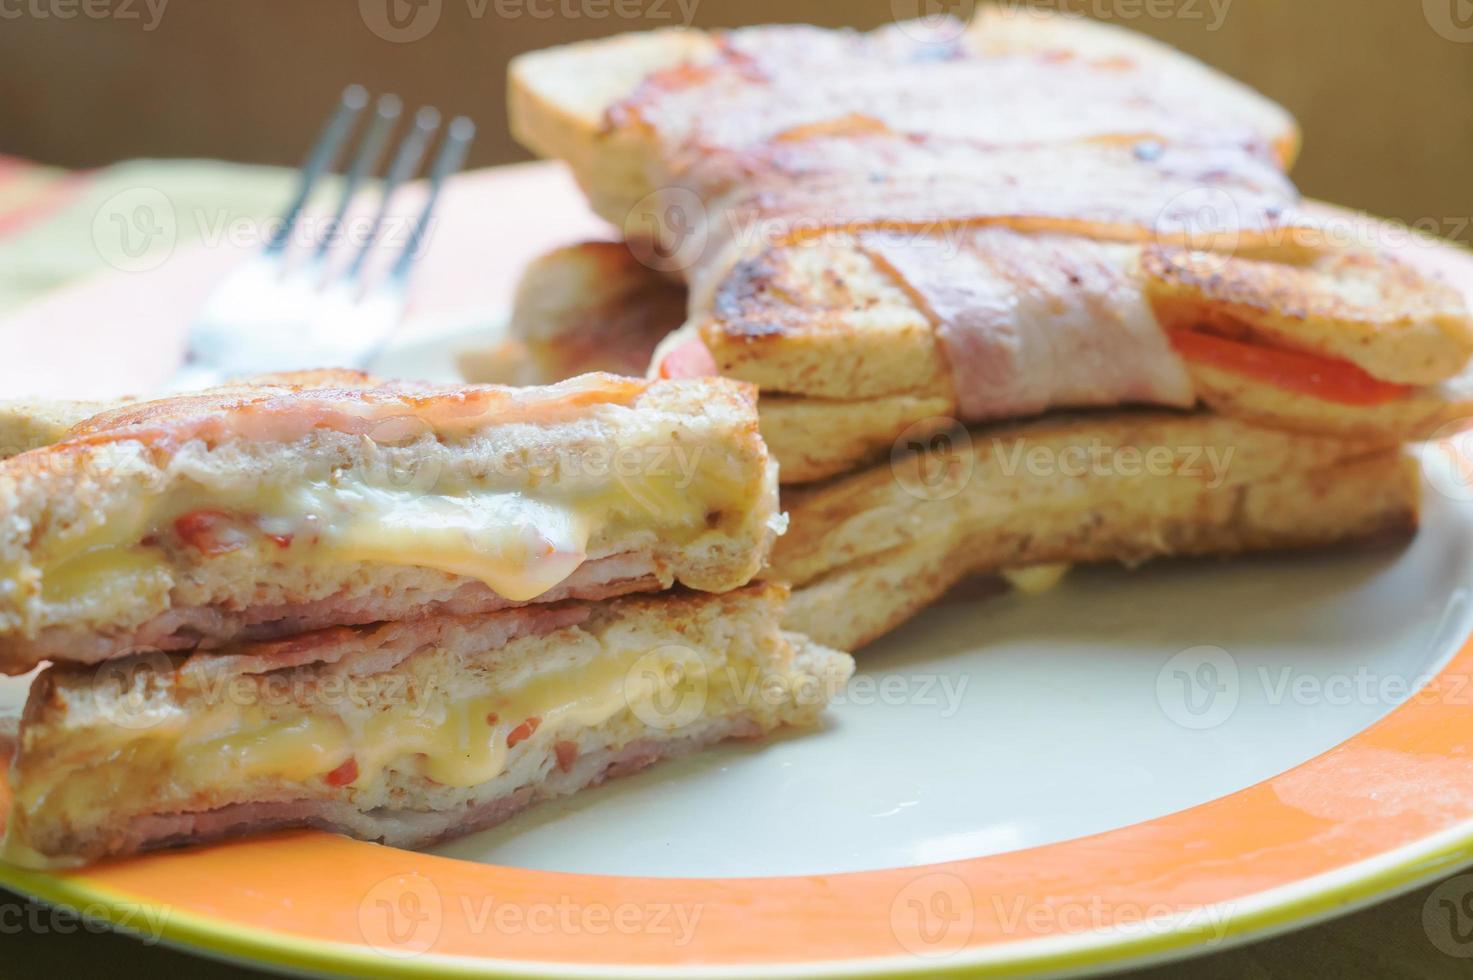 sándwich de queso a la parrilla con tocino foto